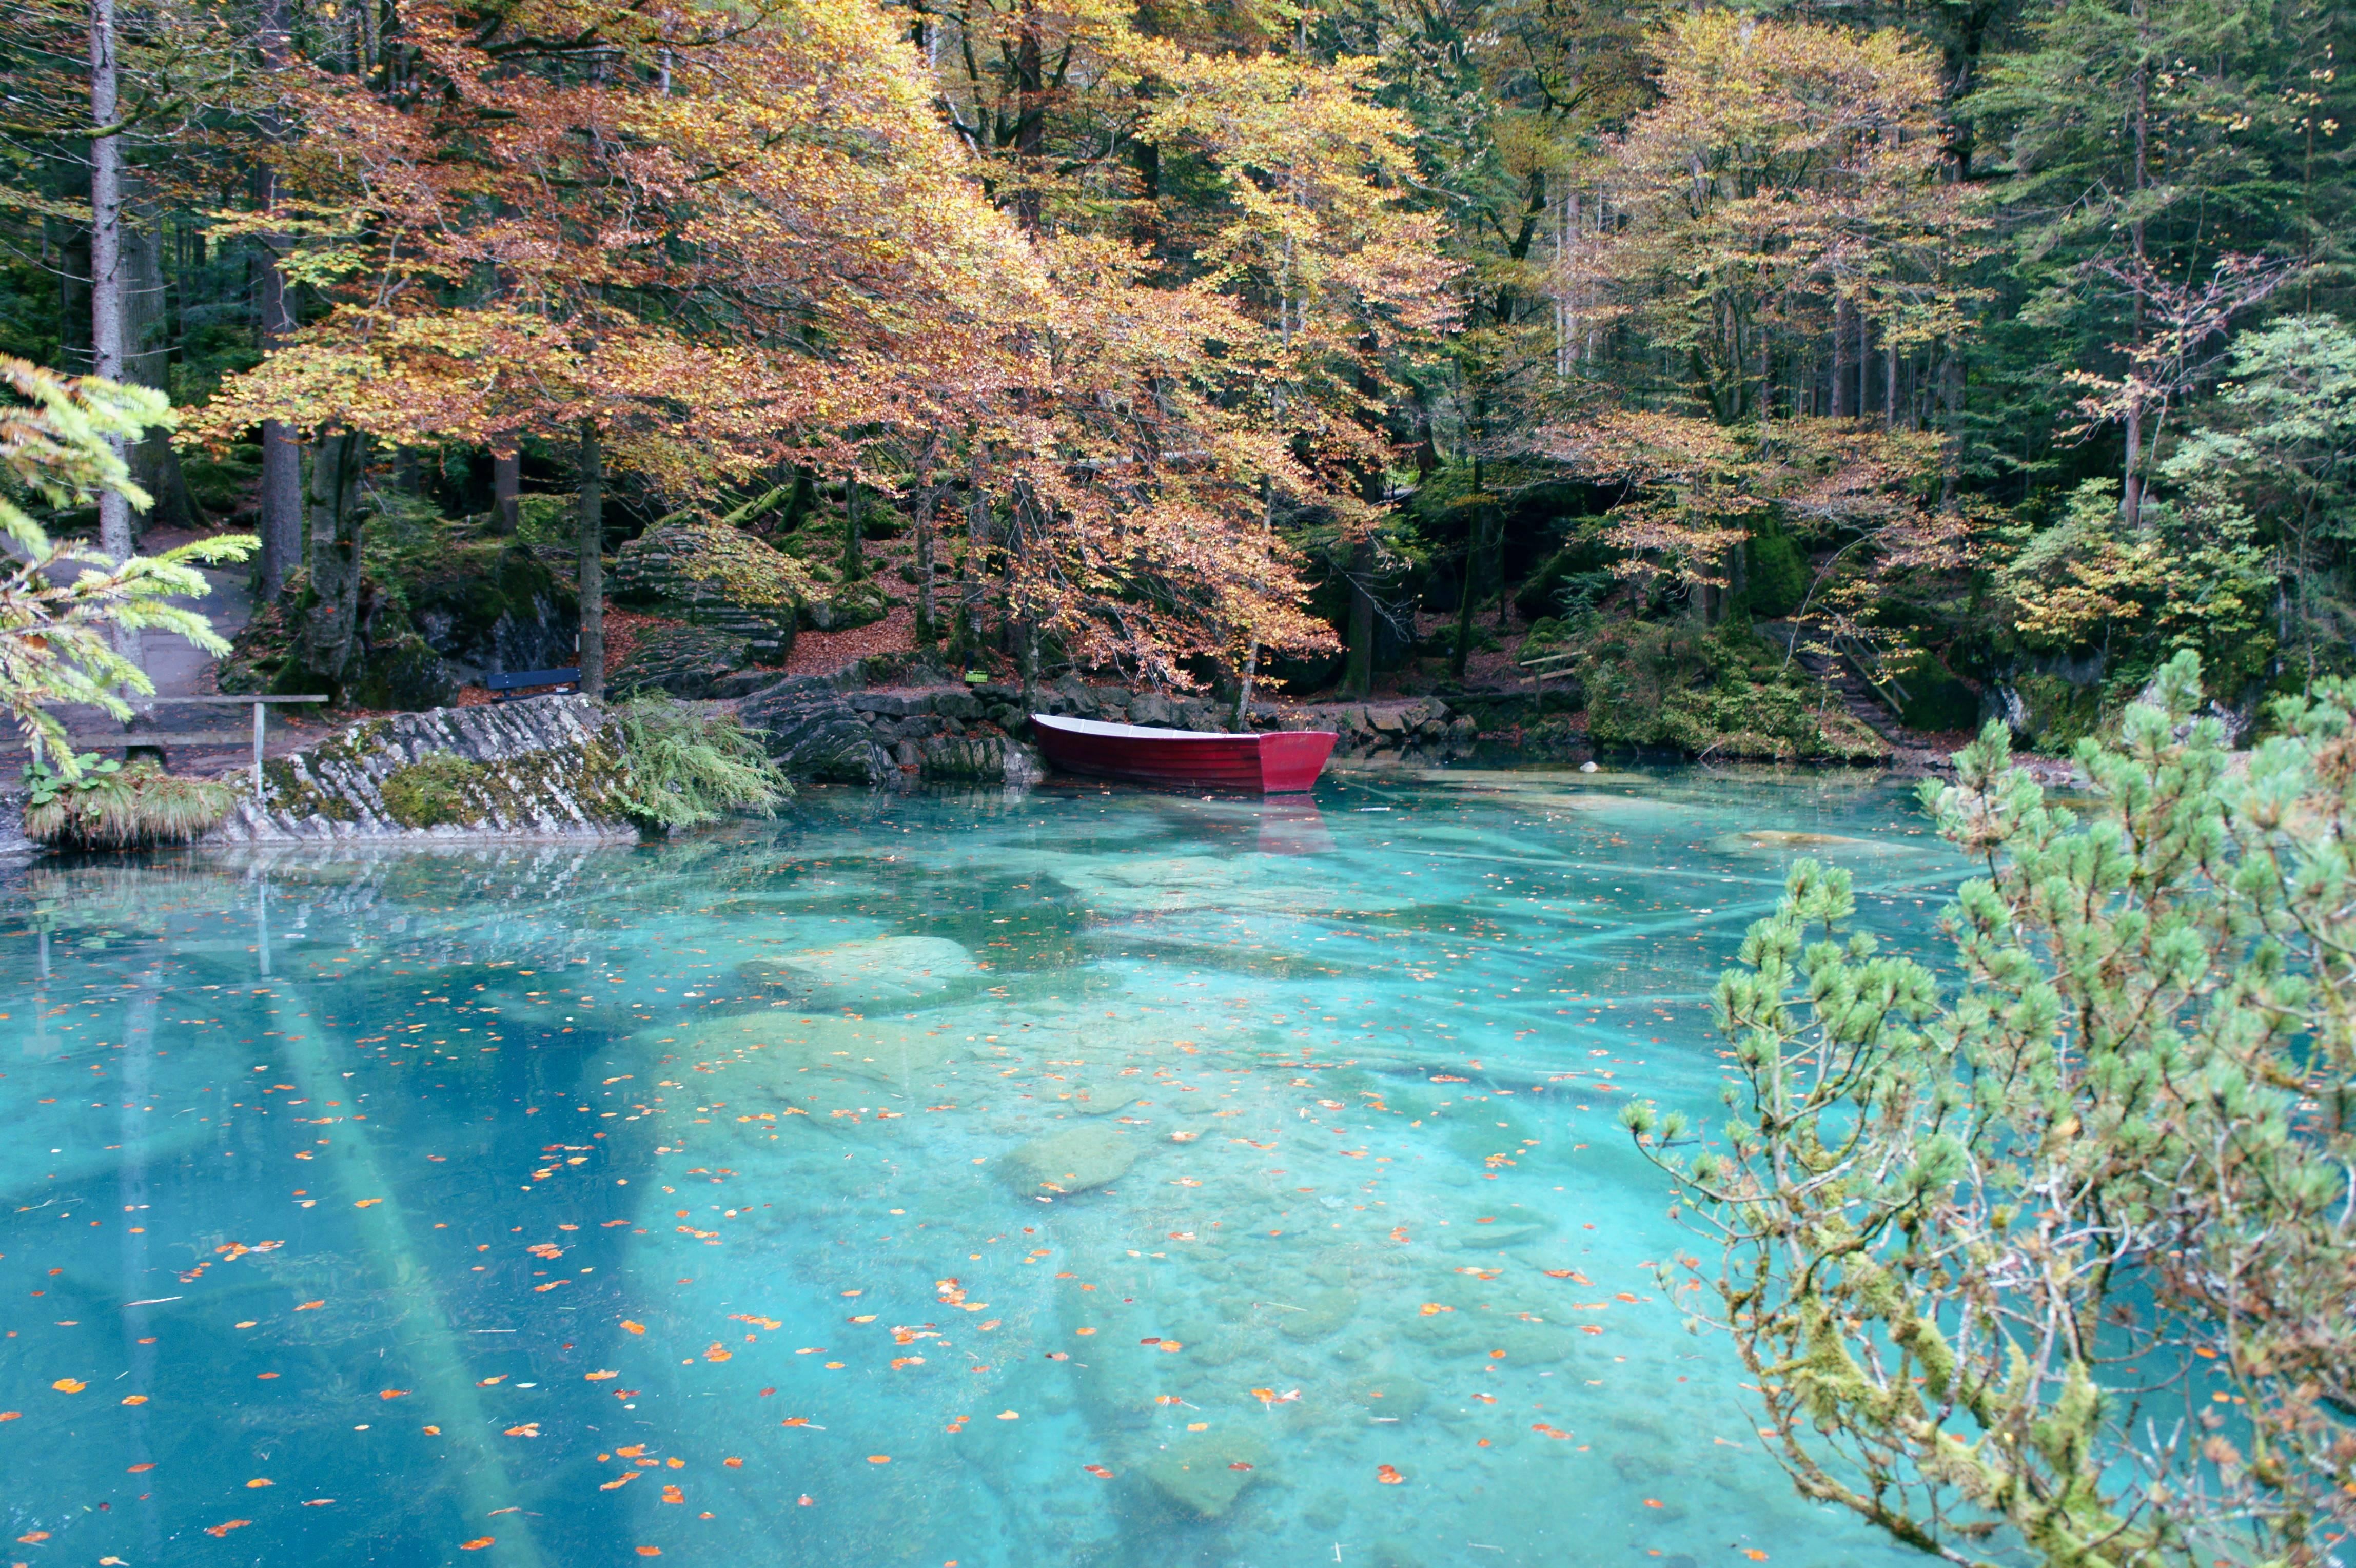 Photo 1: Le Lac de Blausee : L'eau cristalline qui coule de source